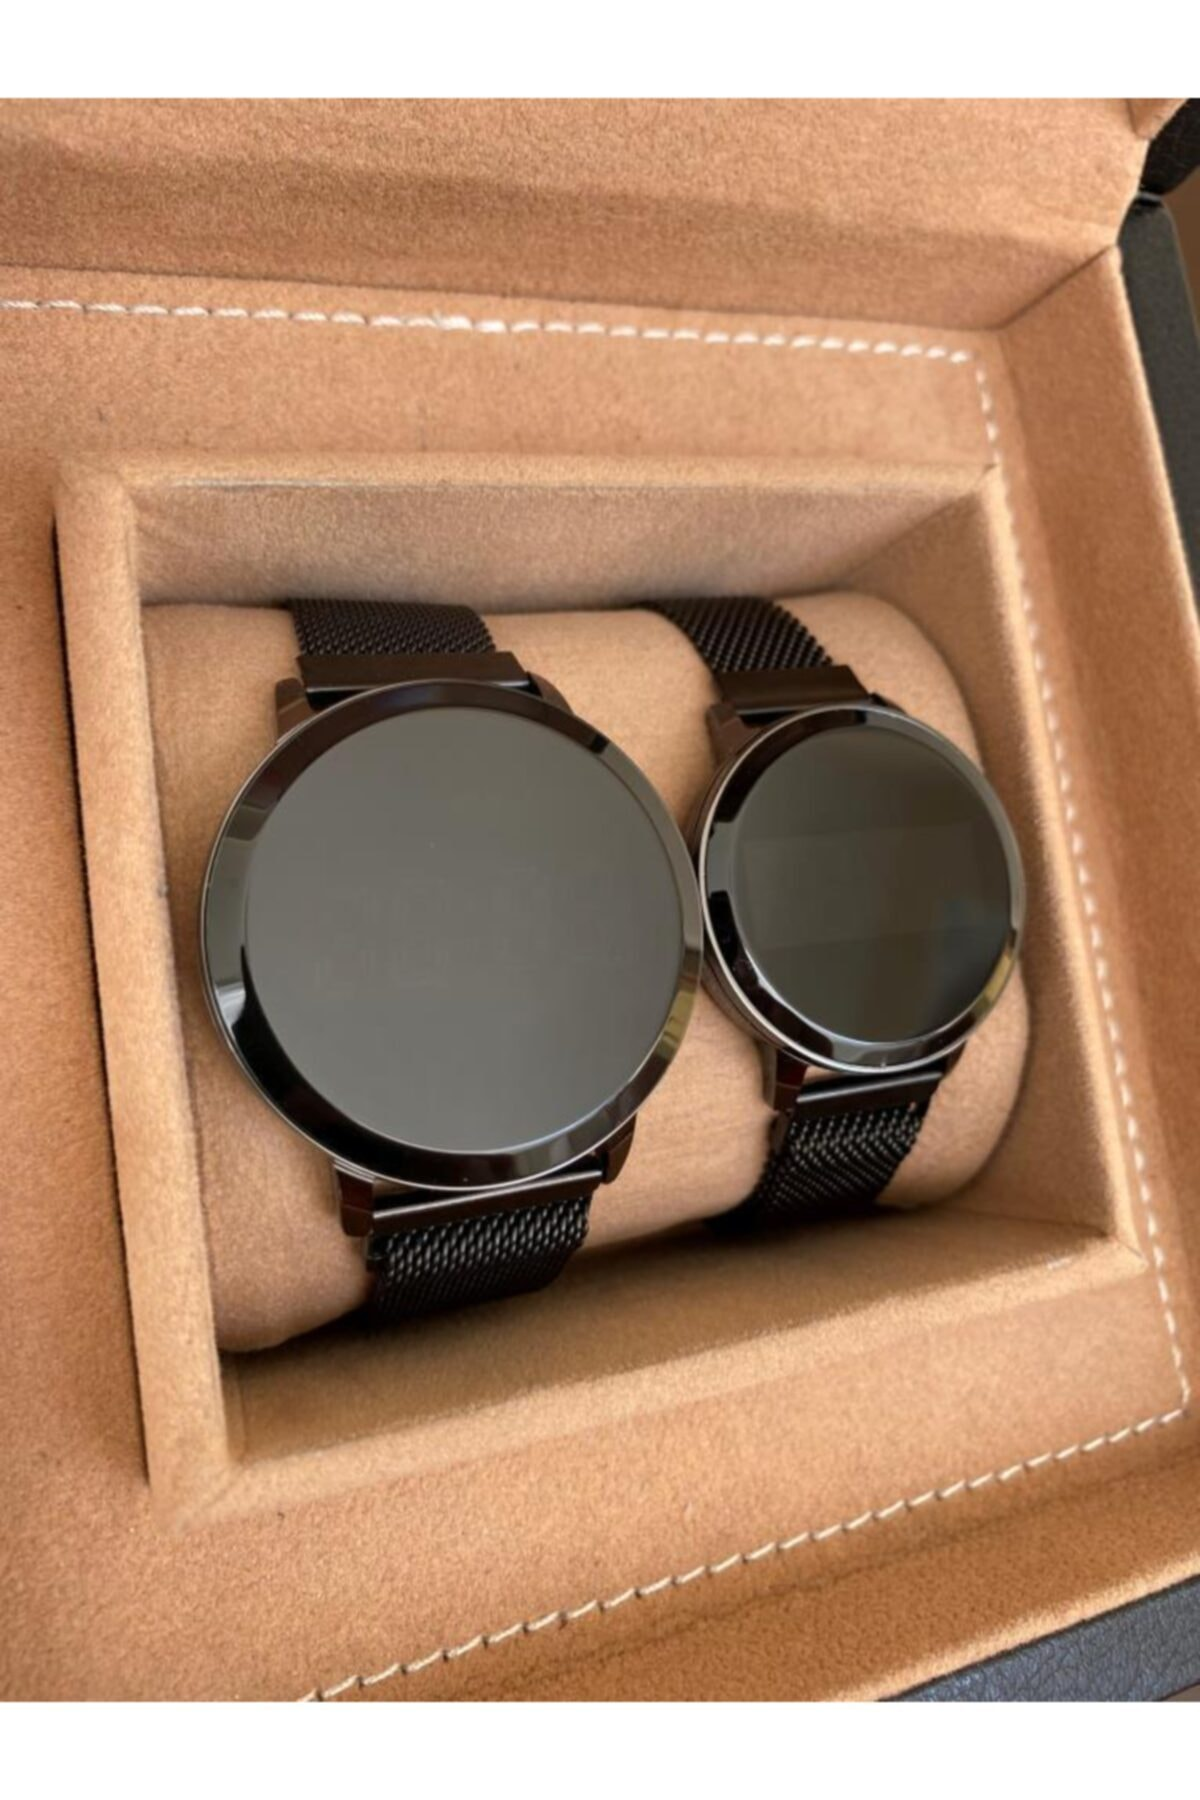 YENİ ÜRÜN Siyah Hasır Mıknatıslı Kordon Siyah Kasa Dokunmatik Sevgili Saatleri